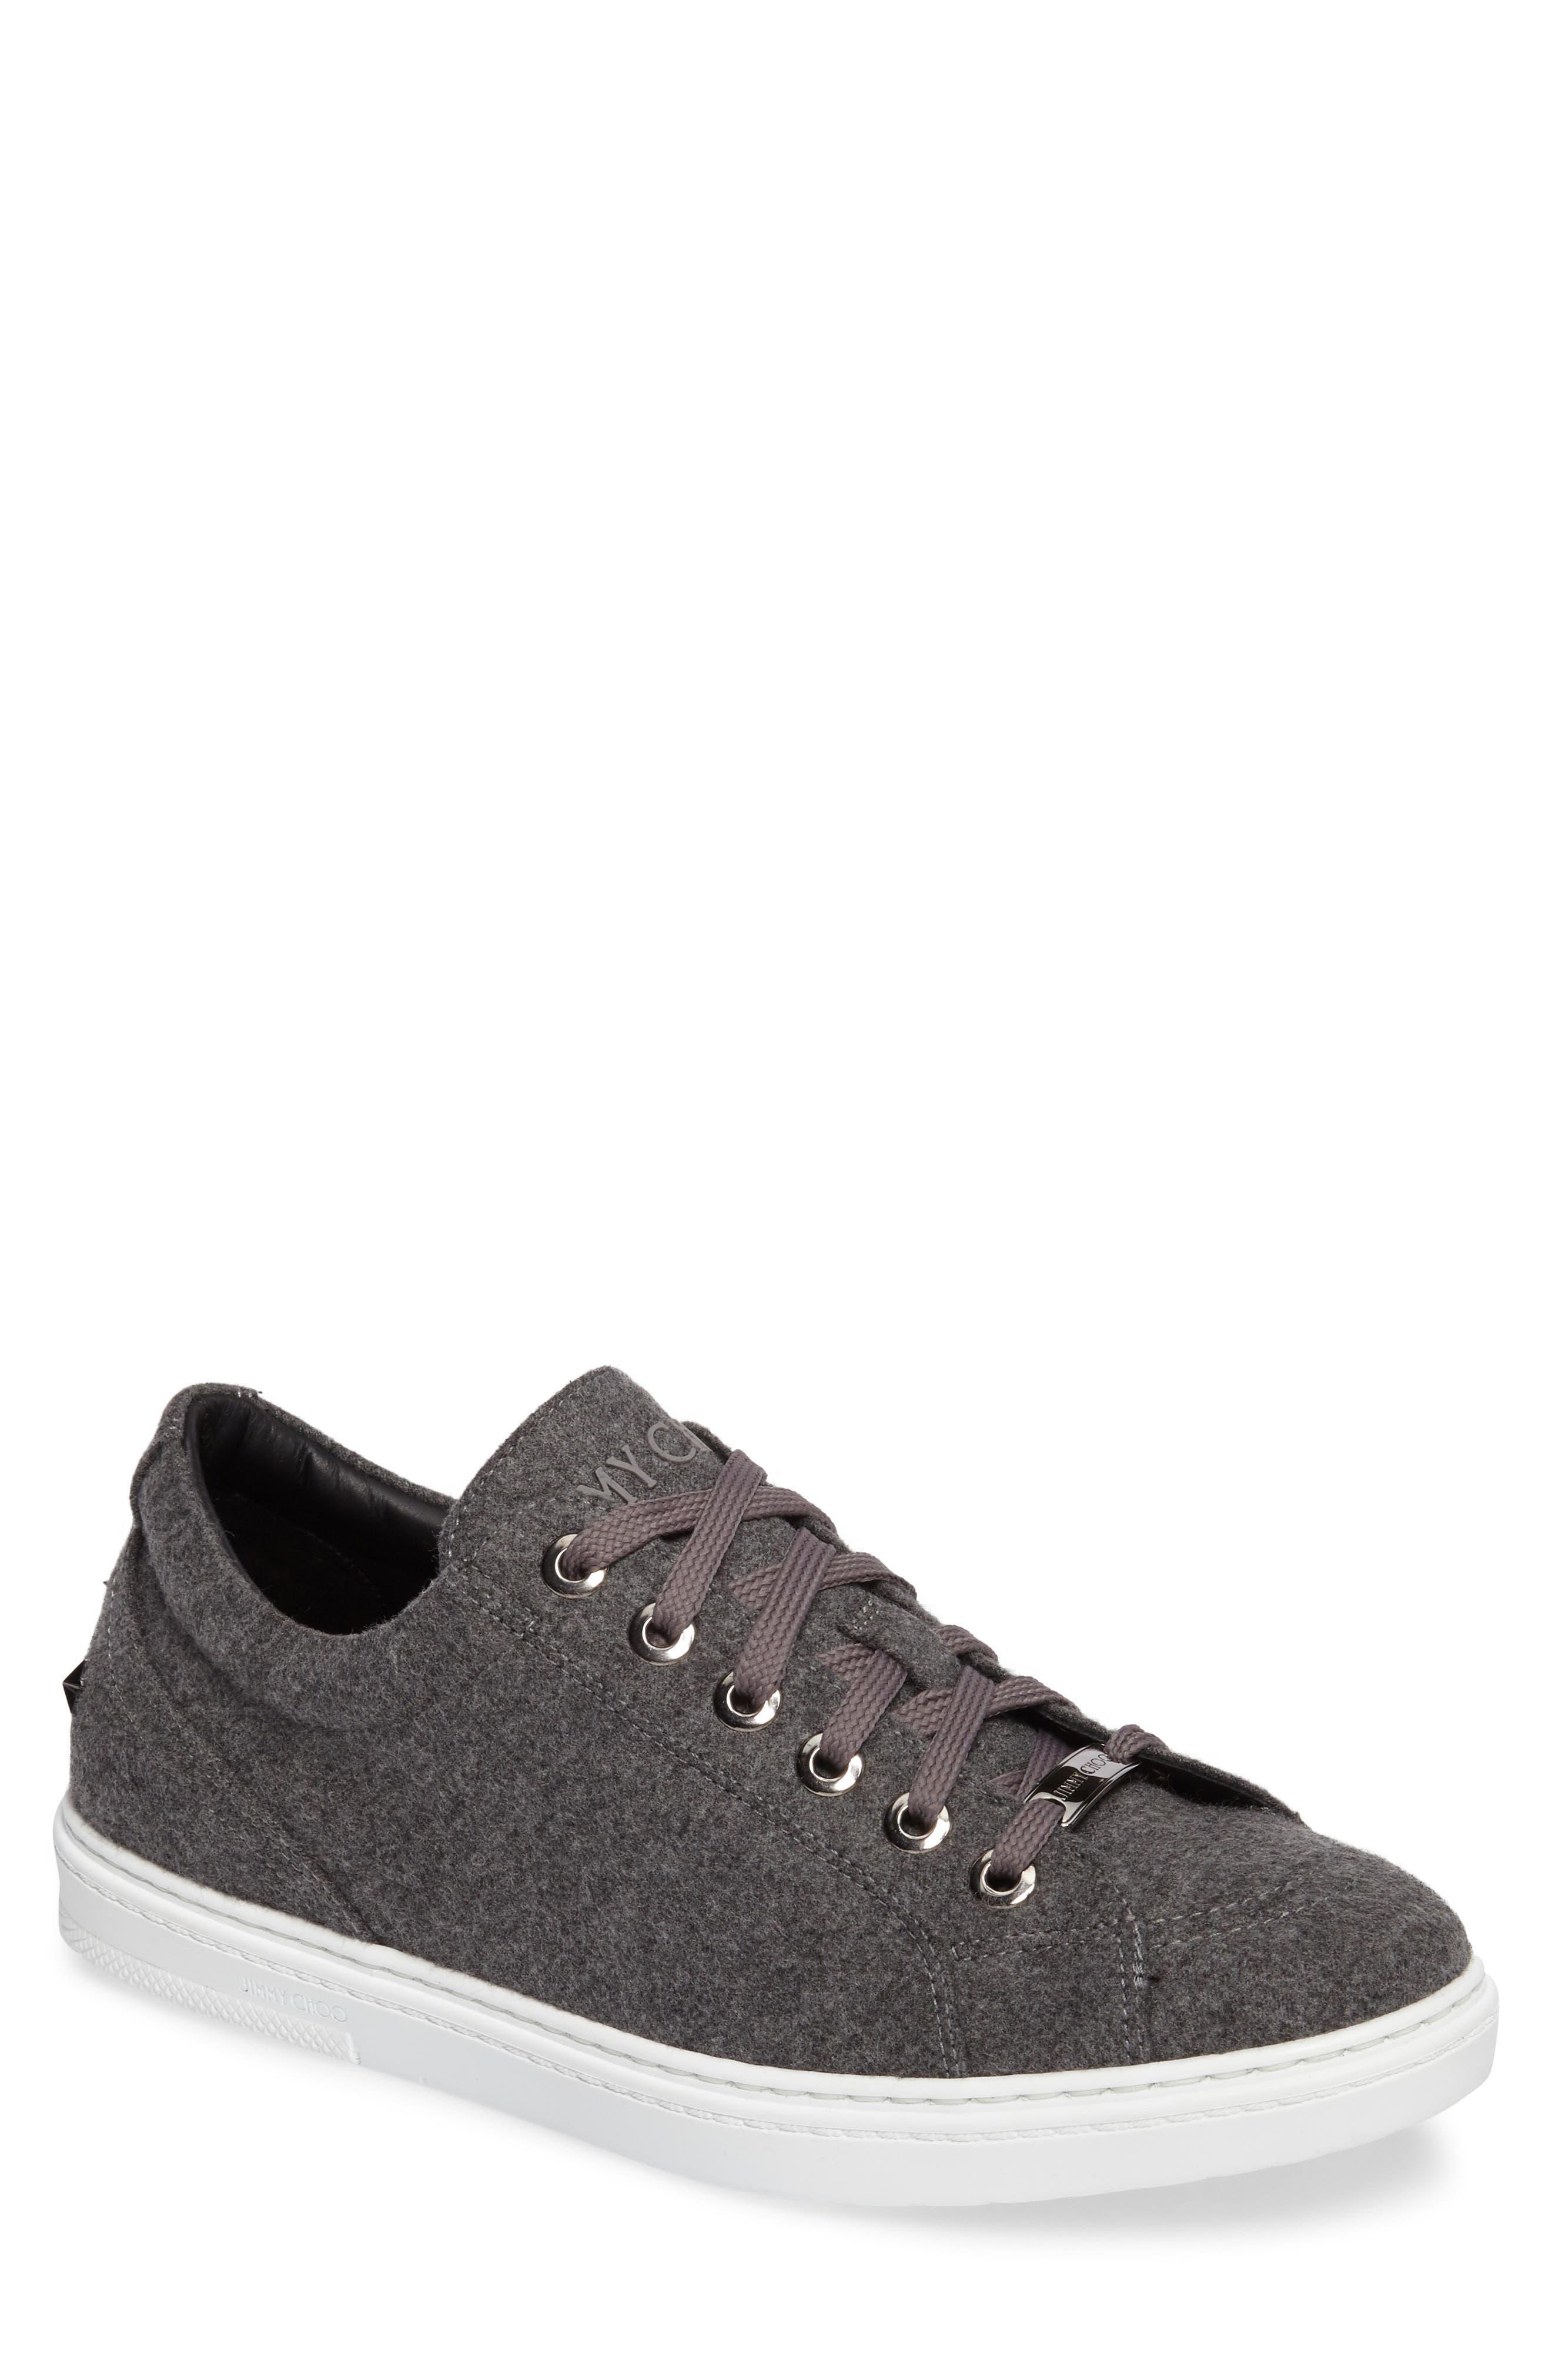 Low Top Sneaker,                         Main,                         color, 030